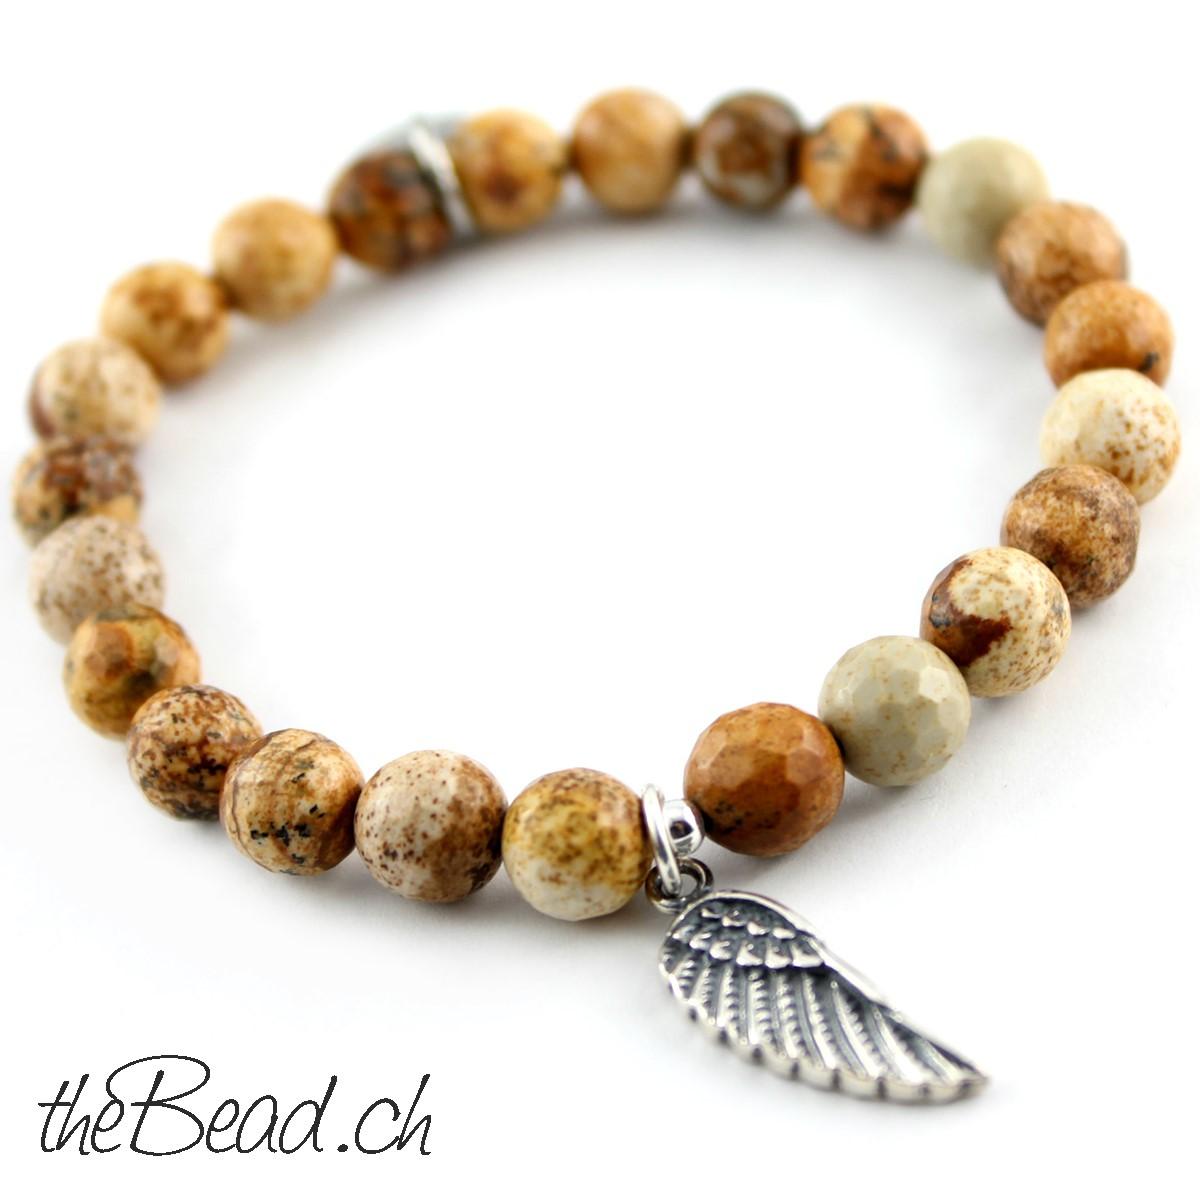 Schmuck kaufen schweiz  925 Silber Feder Perlenarmband-♥- Schmuck Geschenkidee kaufen